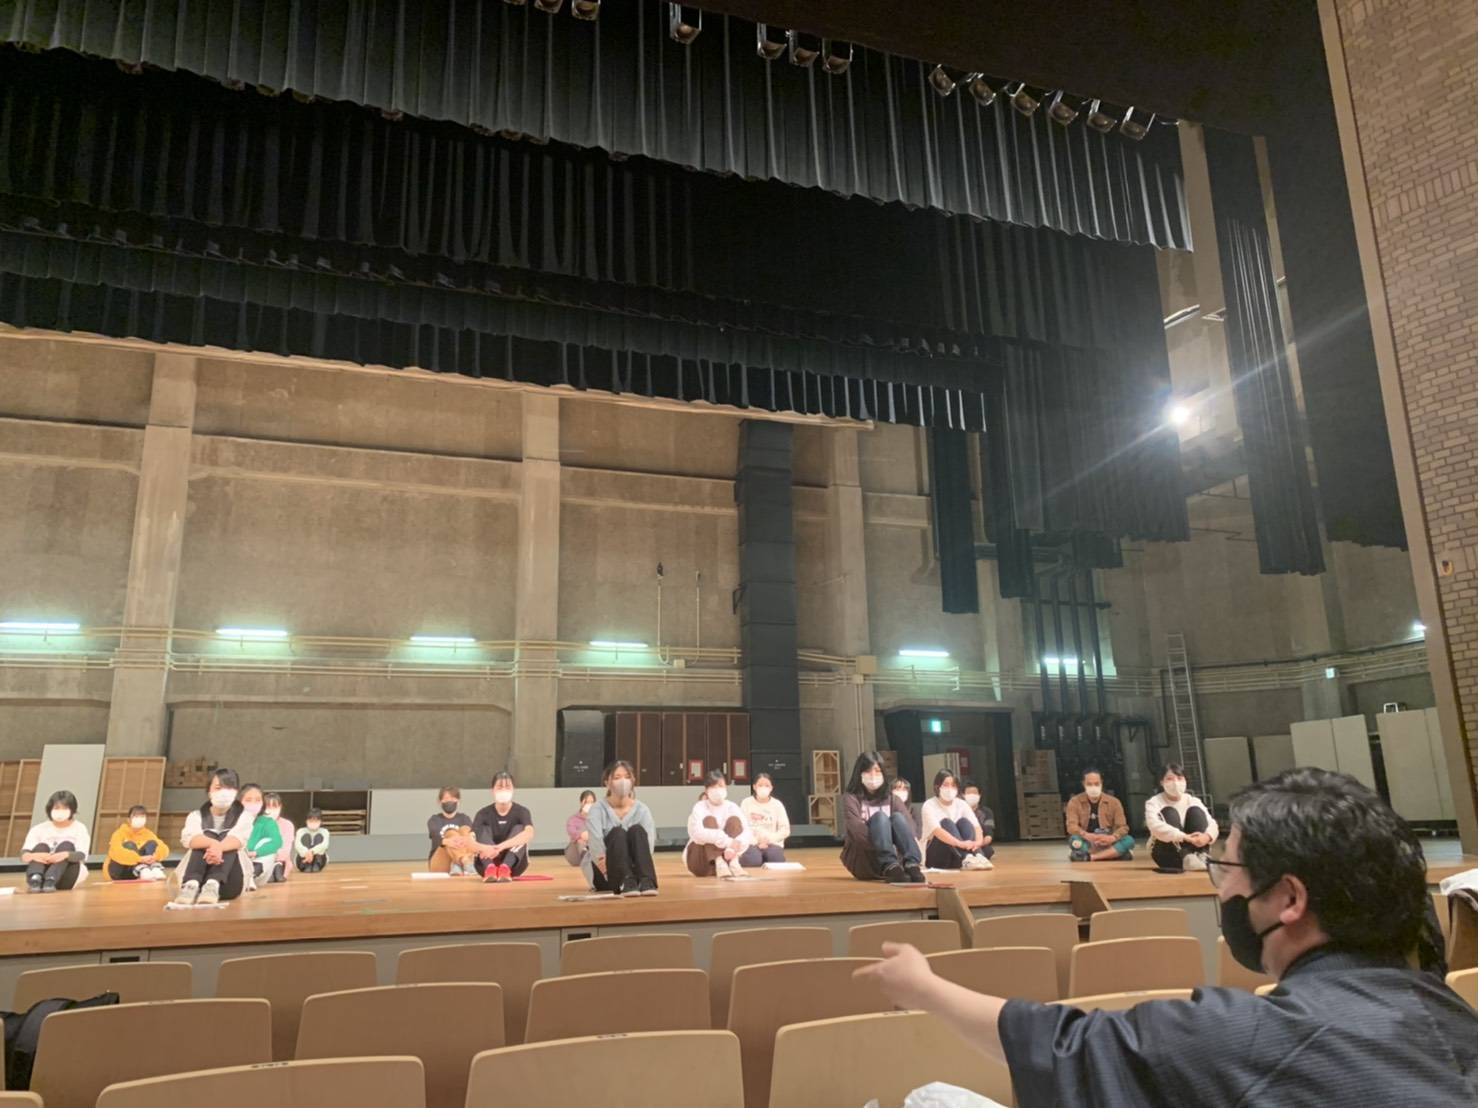 ファミリーミュージカル「ひとくさりの大会」所作指導